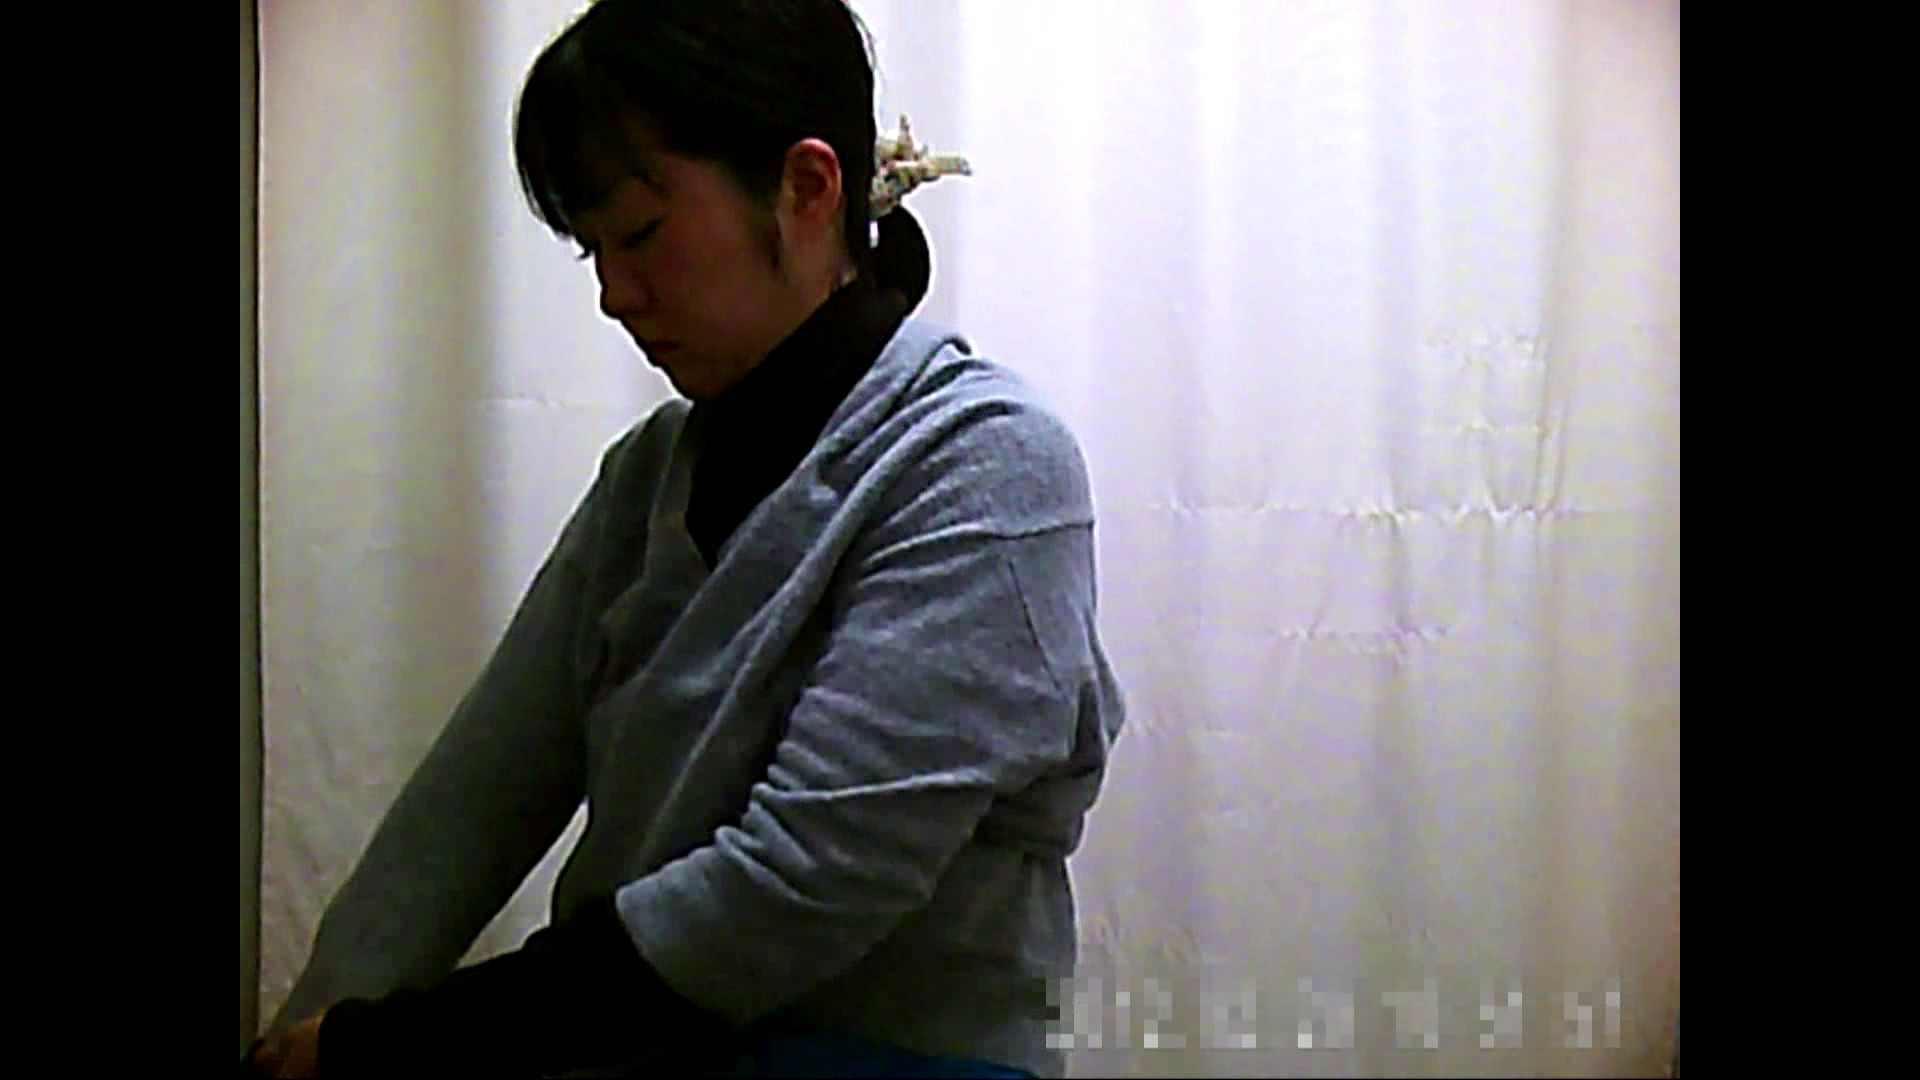 元医者による反抗 更衣室地獄絵巻 vol.271 OLハメ撮り  97Pix 90